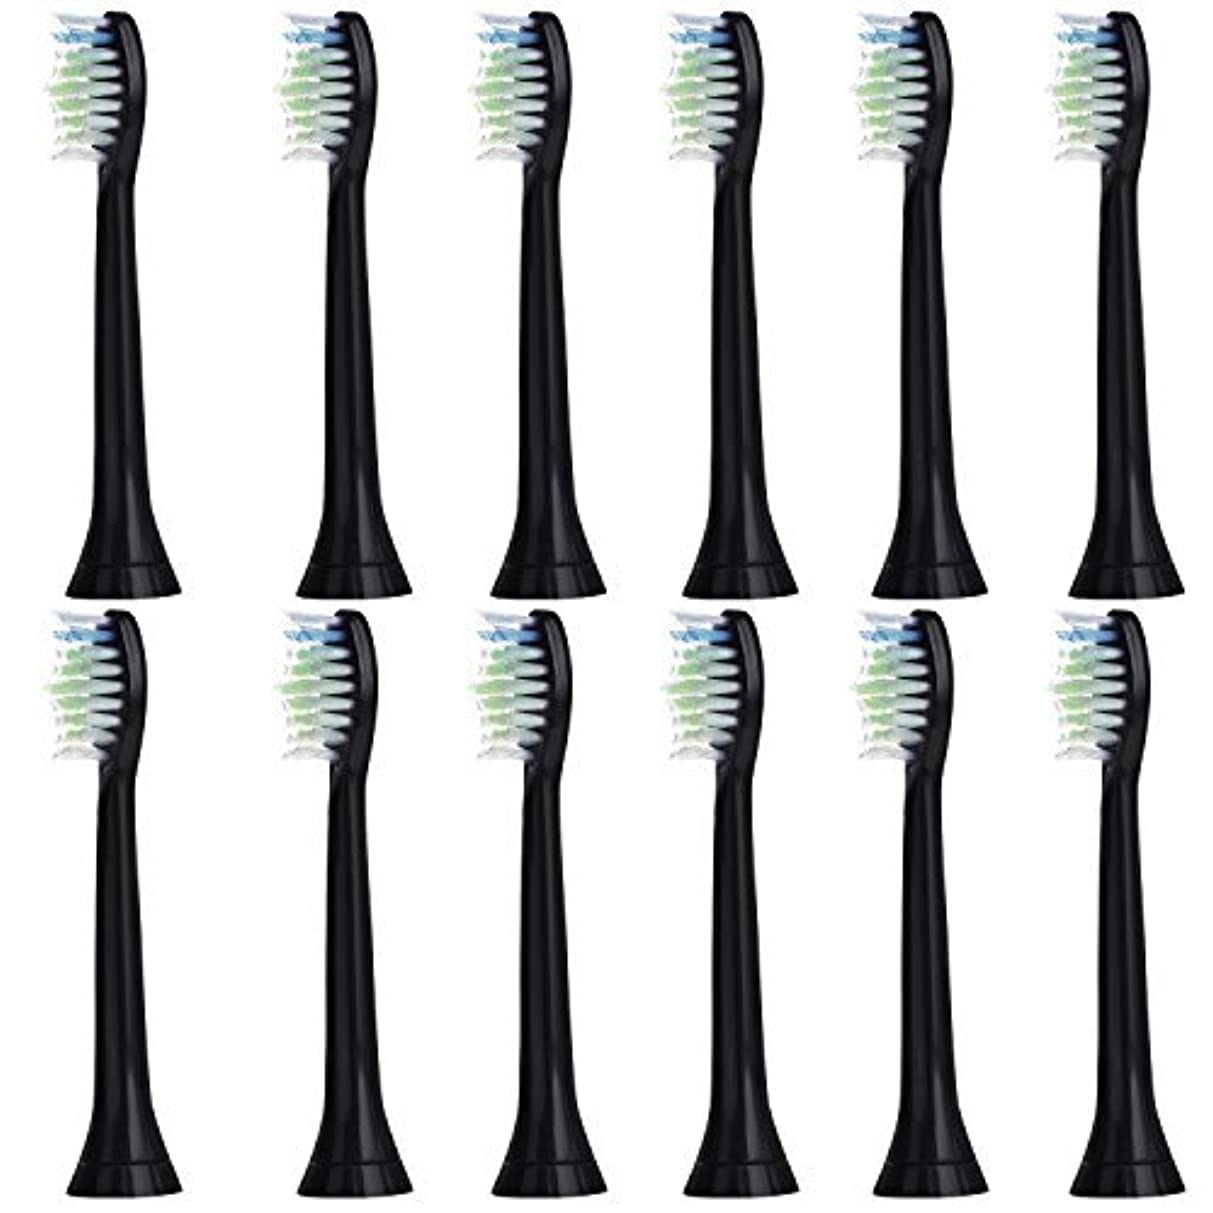 主婦主流暗い12個セット (3x4) E-Cron? Philips ソニッケアーダイヤモンドクリーン ブラック替ブラシ。次のフィリップス電動歯ブラシのモデルとの完全互換性があります: DiamondClean、FlexCare、FlexCare Platinum、 FlexCare(+)、 HealthyWhite、2シリーズ、EasyClean およびPowerUp。